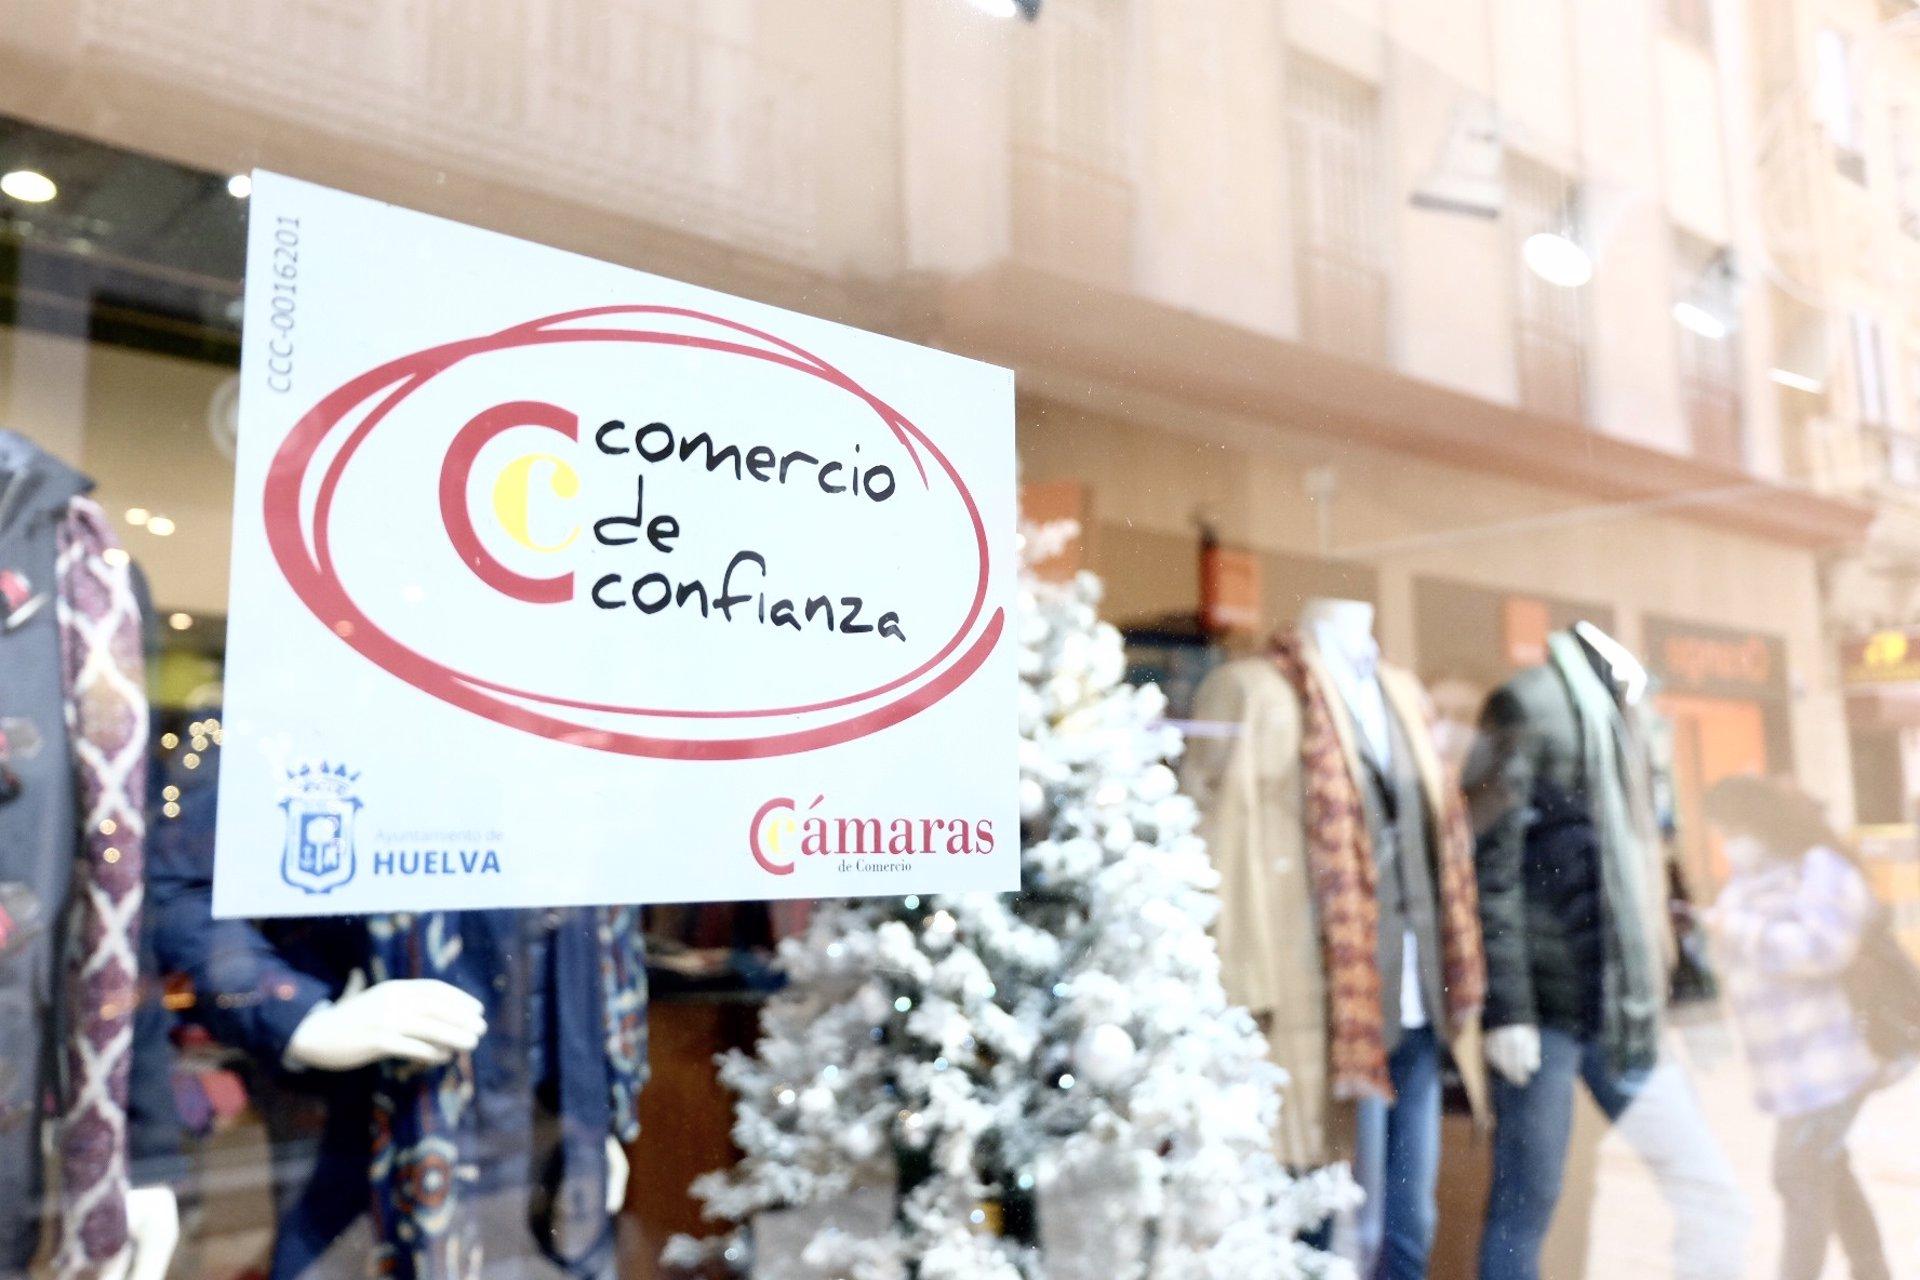 Las ventas del comercio minorista caen un 8,3% en Andalucía en 2020, un punto y medio por encima de la media nacional